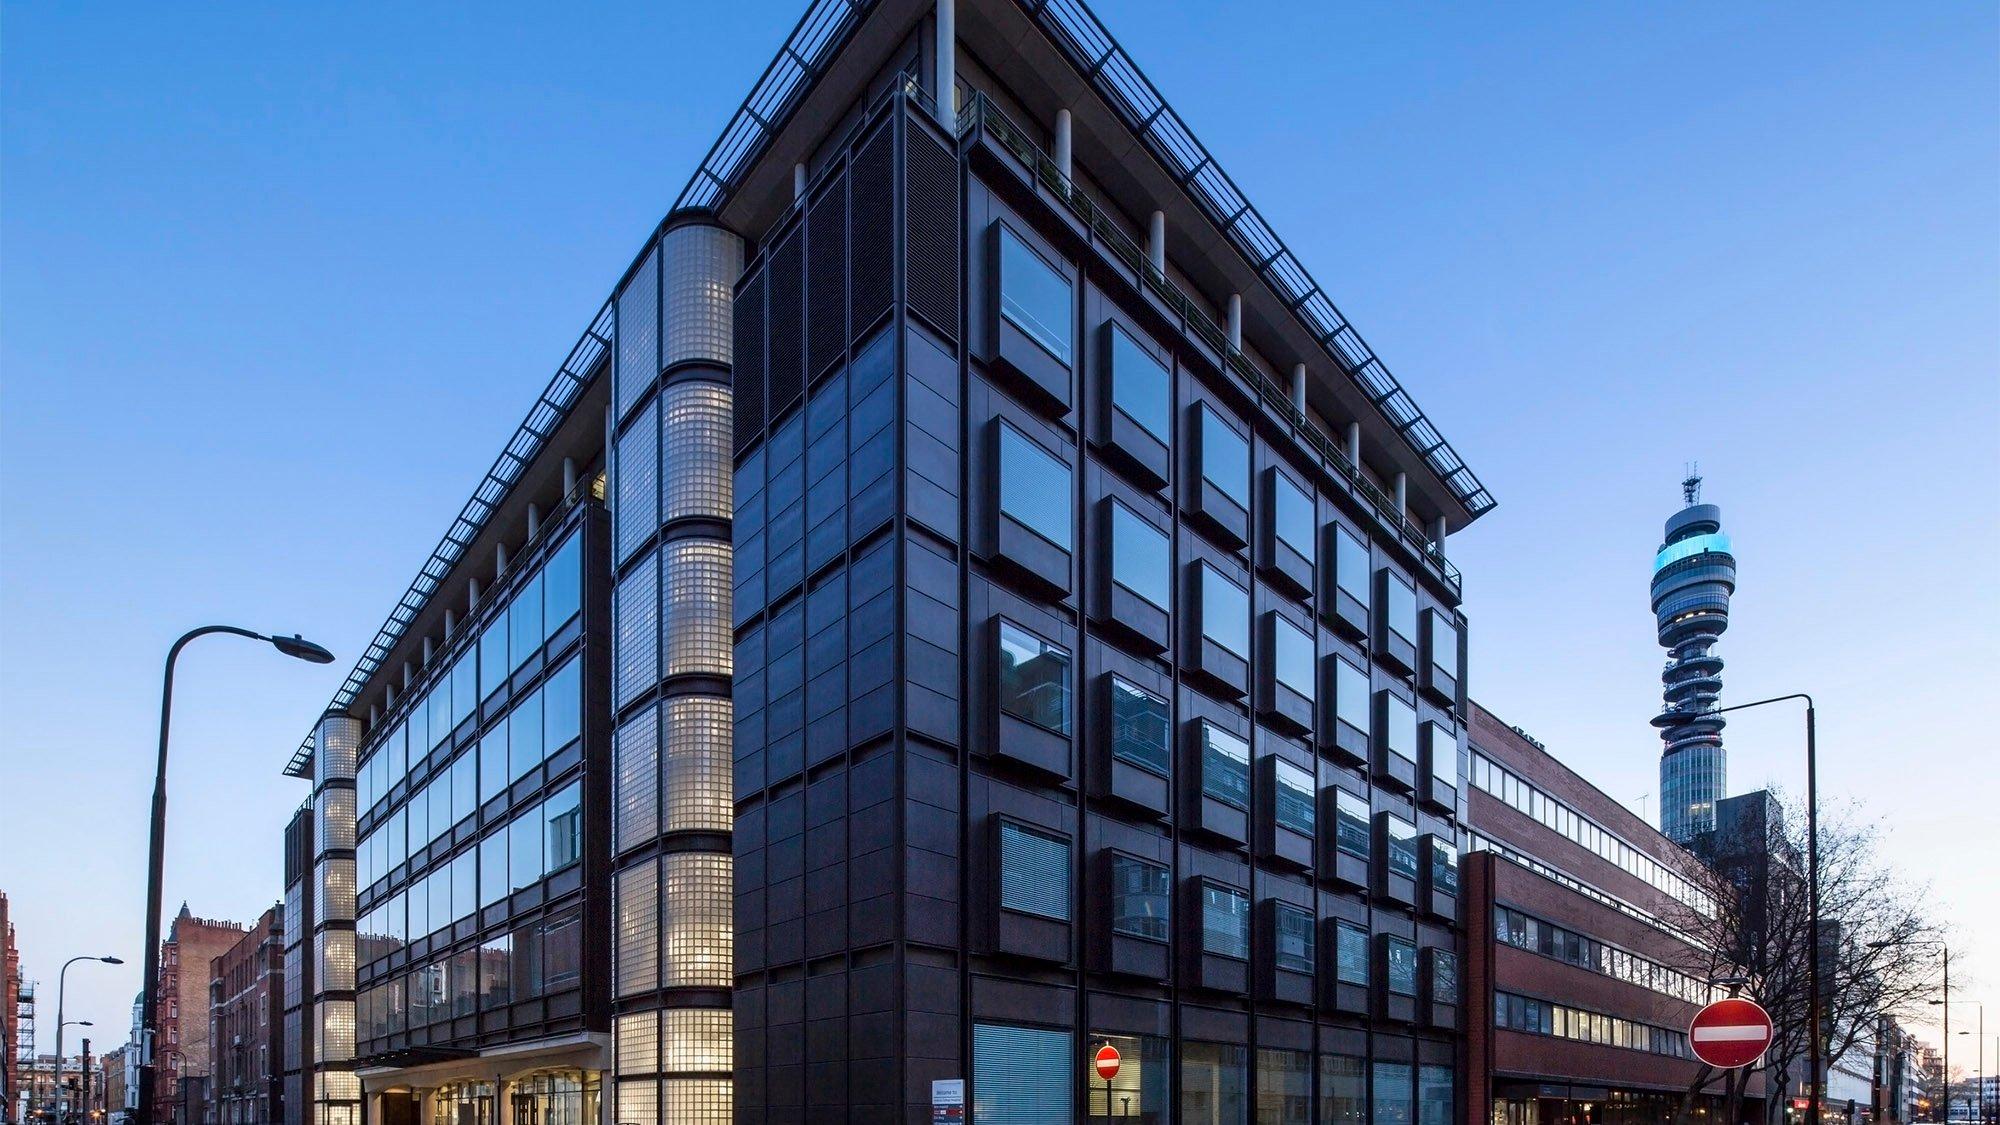 Университетская онкологическая клиника в Лондоне